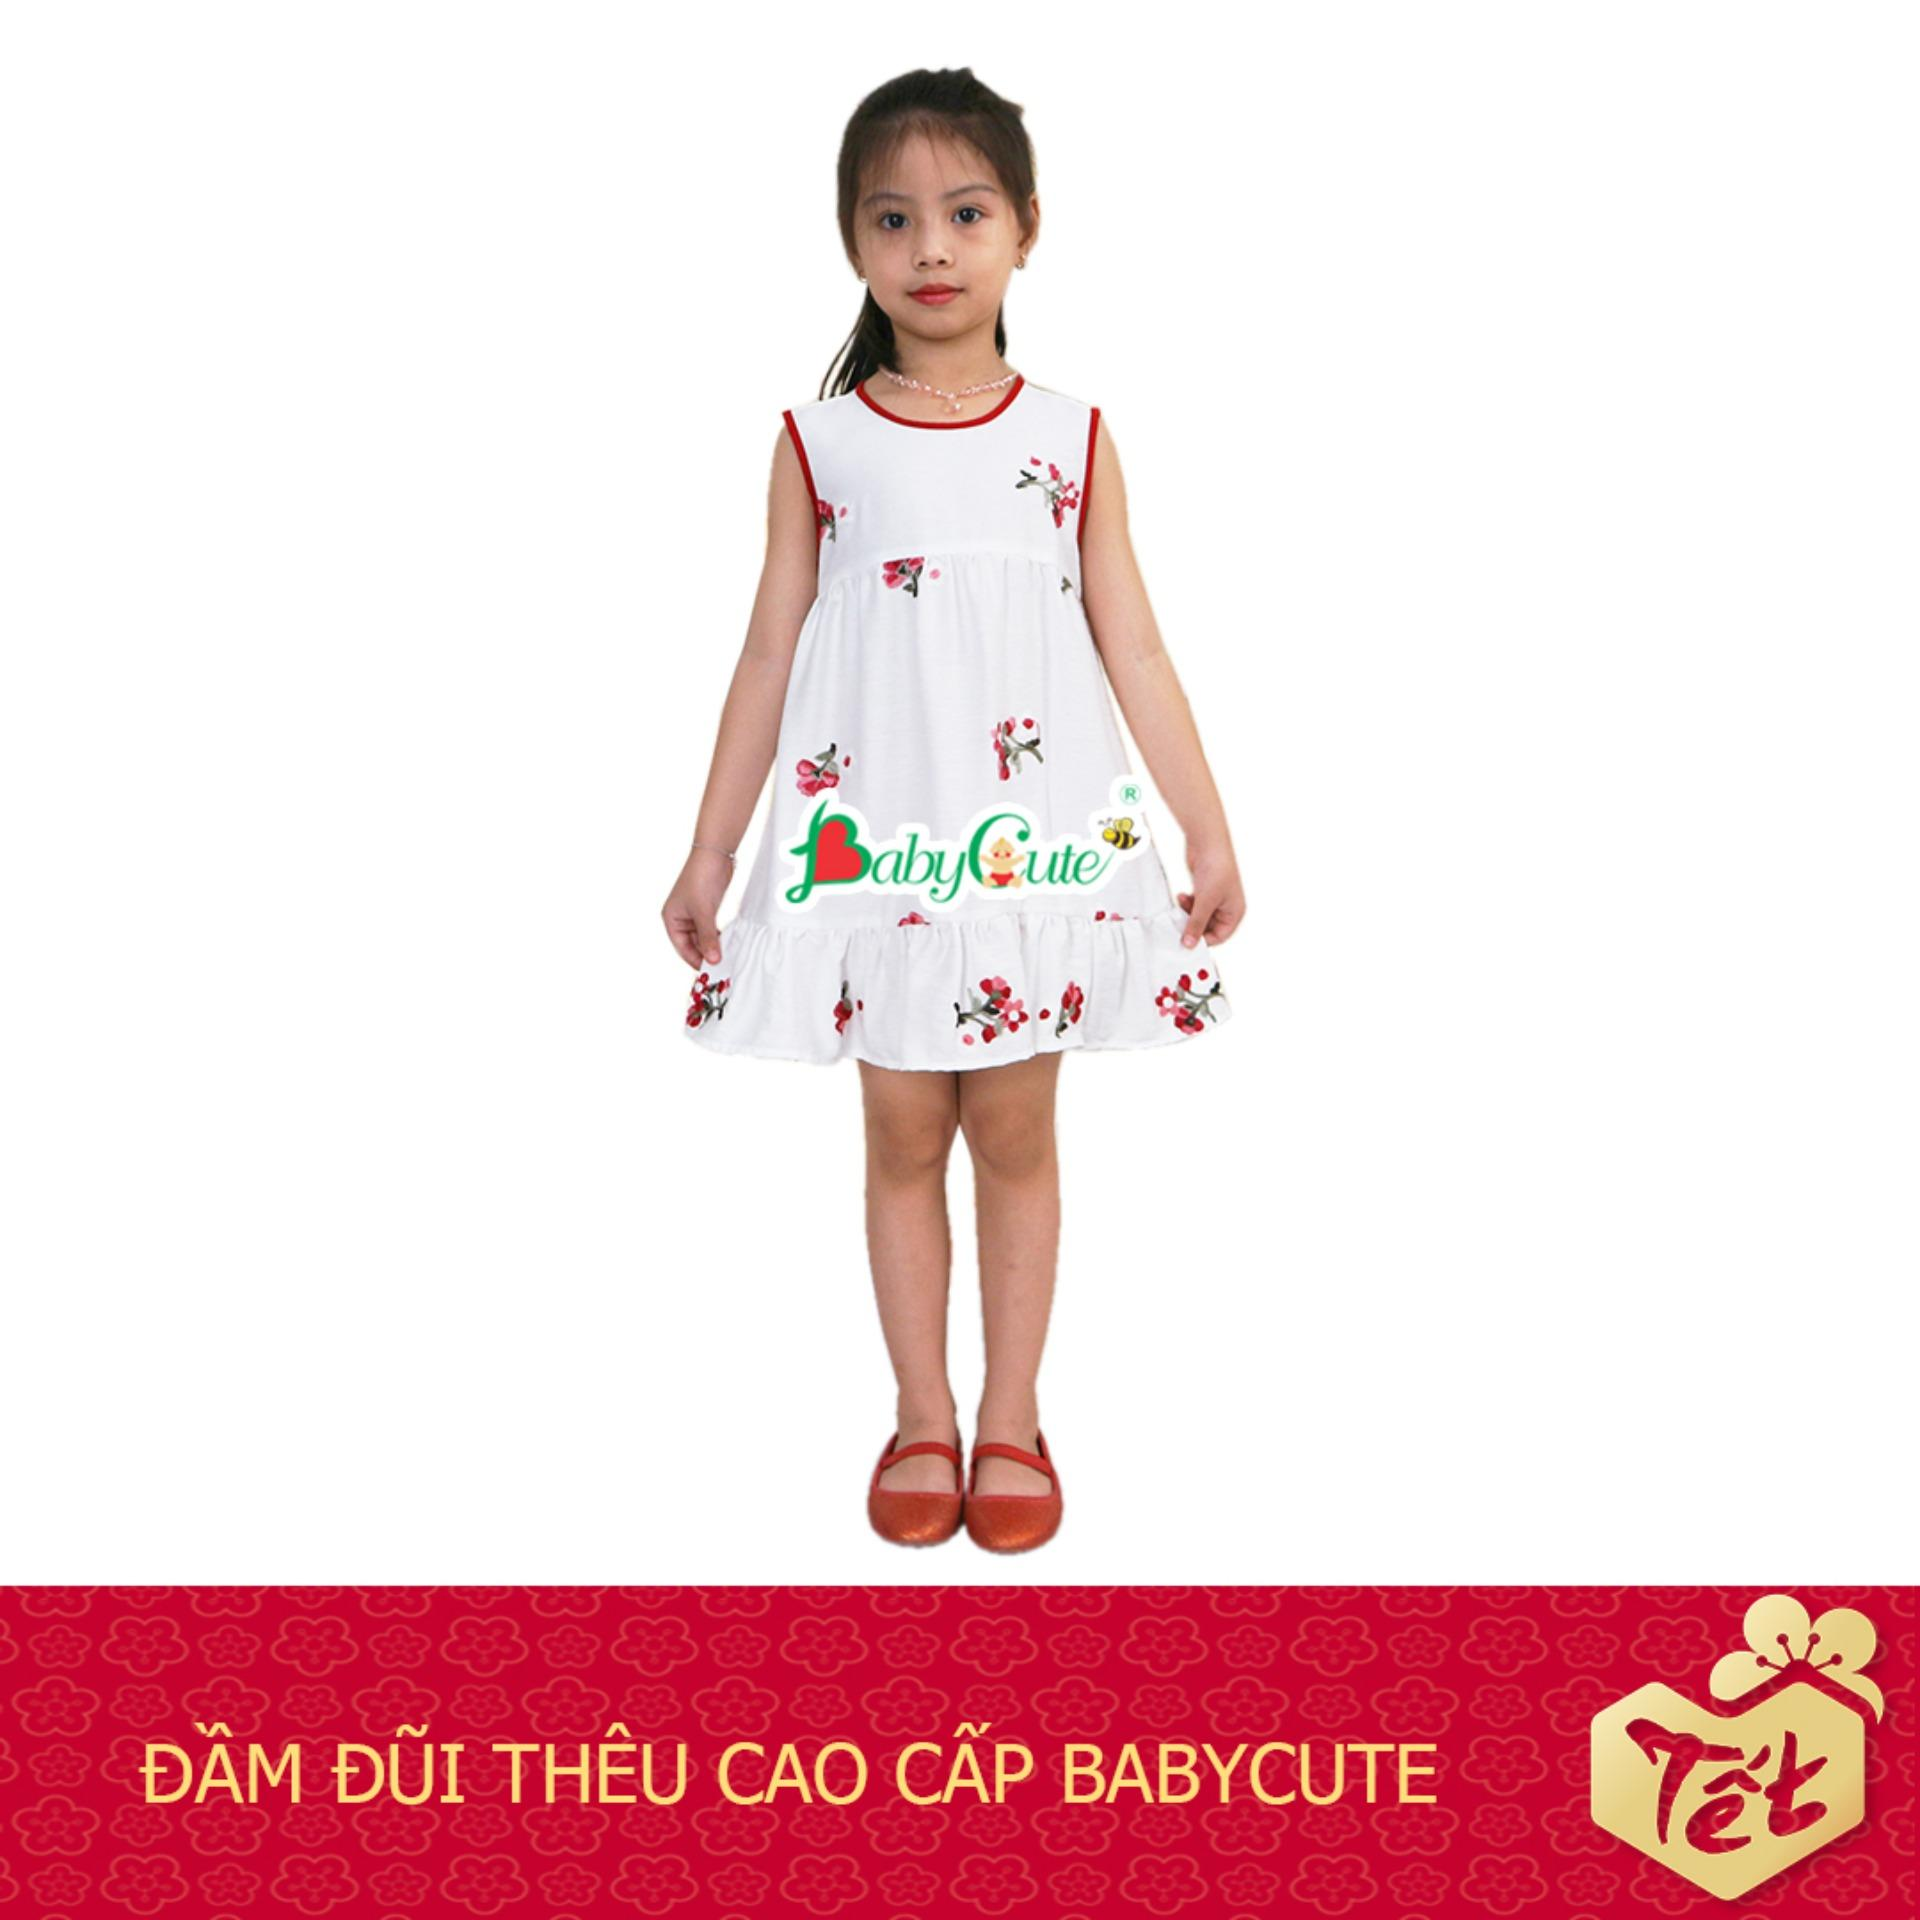 Giá bán Đầm đũi thêu hoa cao cấp BabyCute cho bé gái từ 10 - 35kg